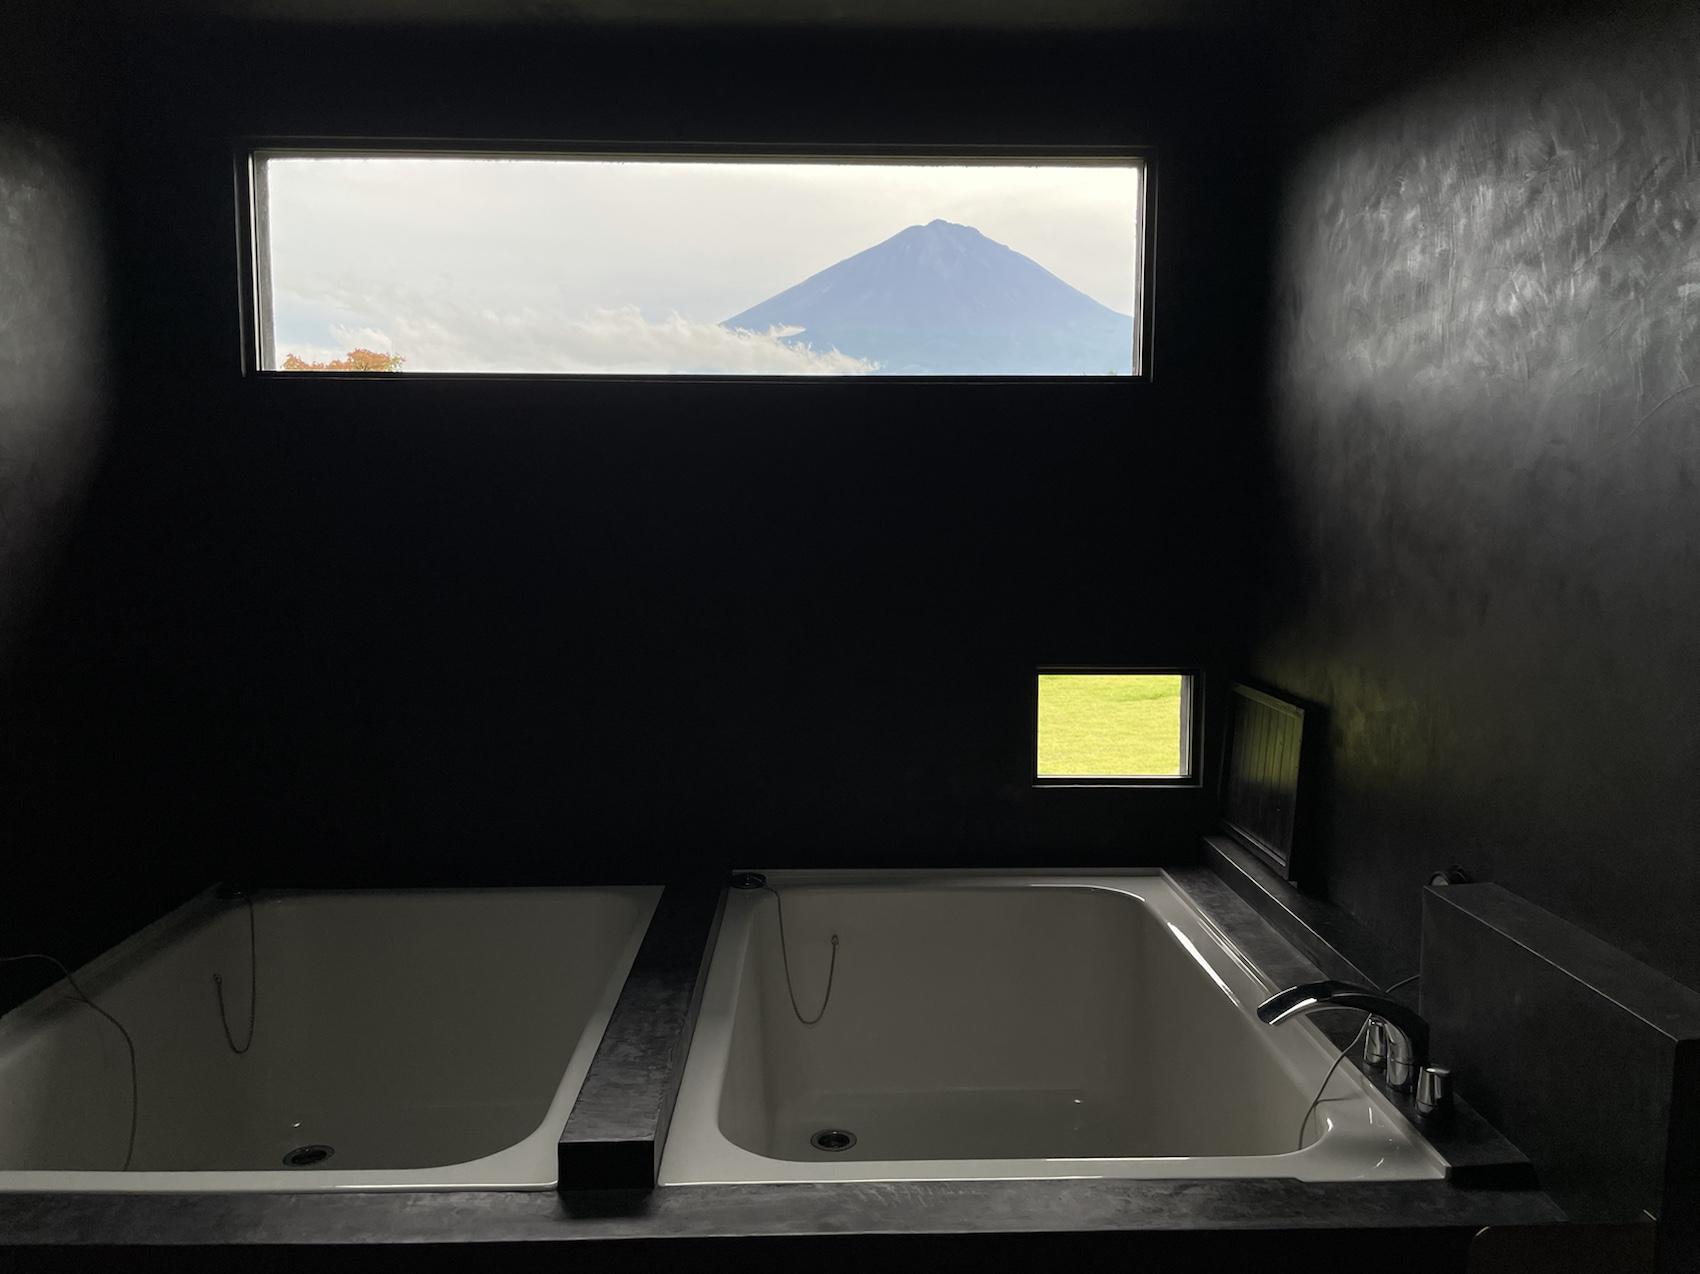 貸し切り風呂 プライベート風呂 内風呂 アブラサスホテル